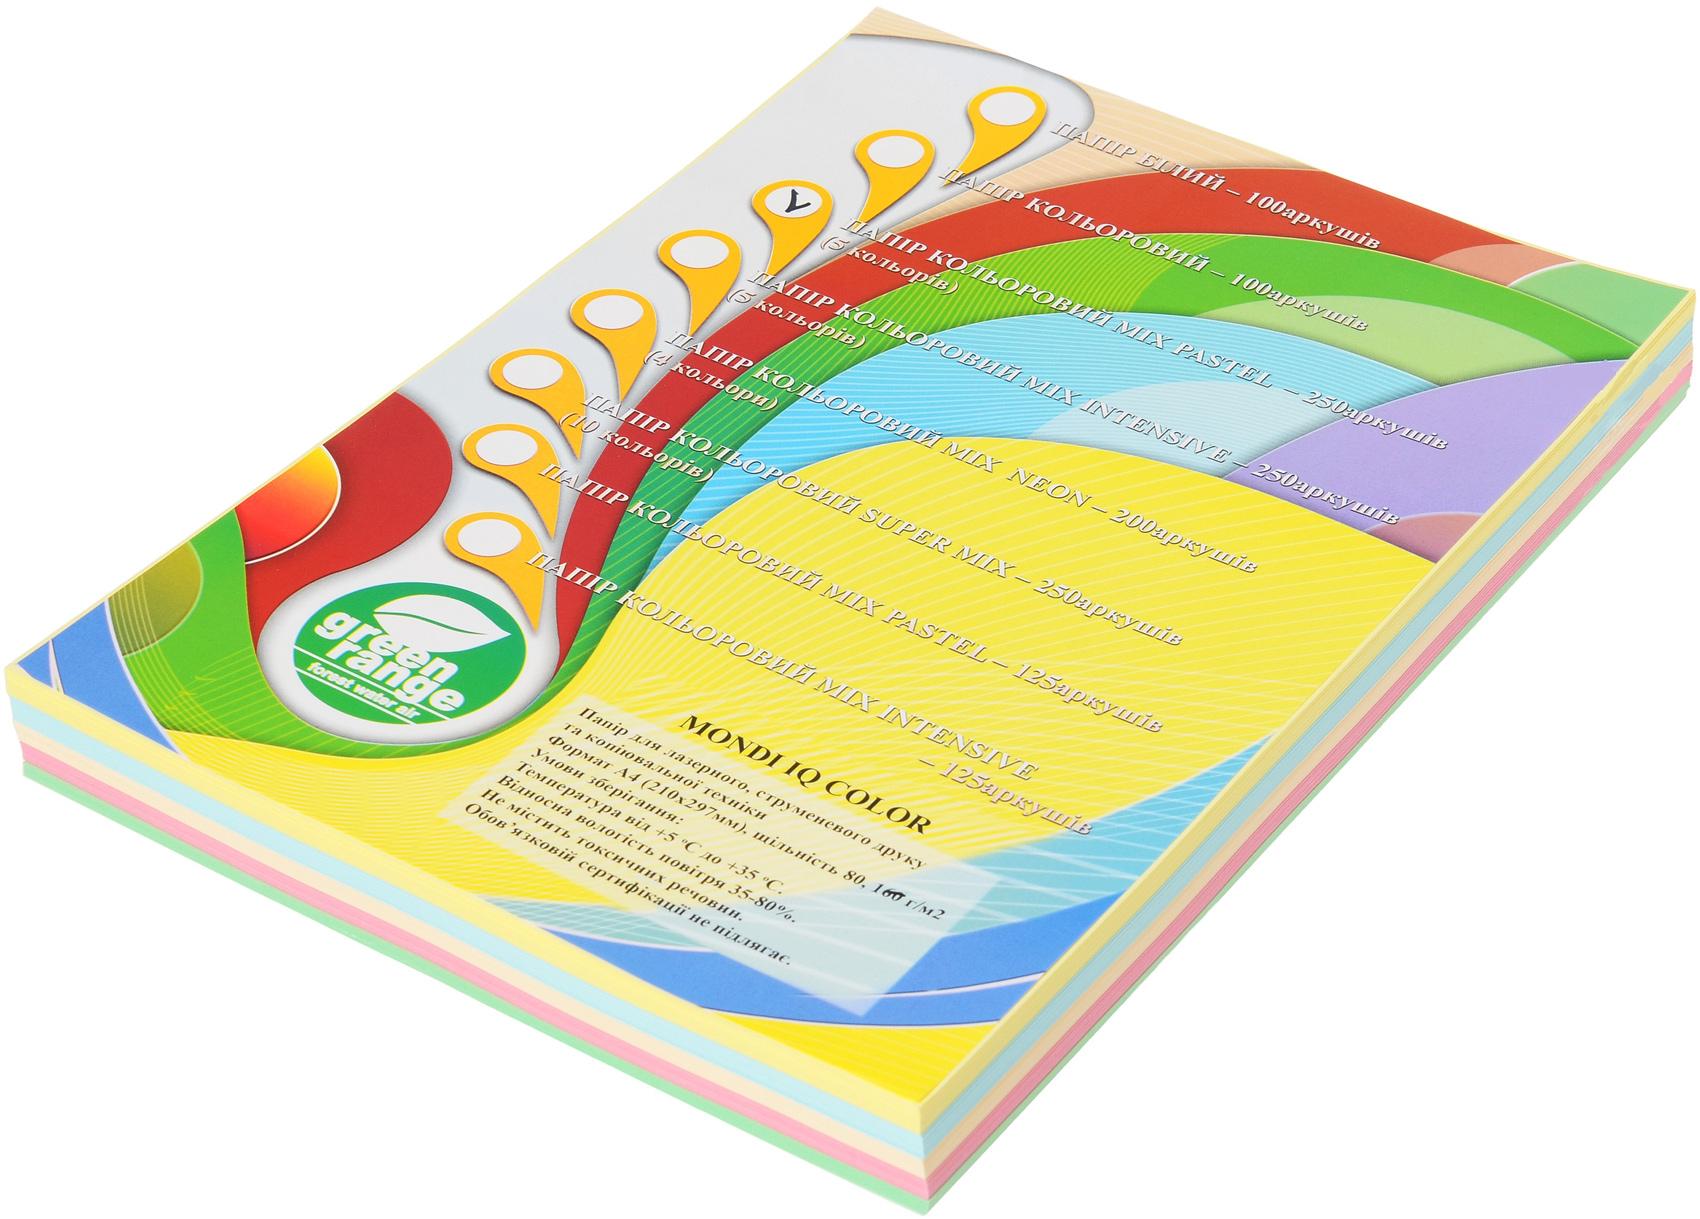 Набор бумаги цветной RB01, A4 80г/м2., 250листов (5 цветов по 50 листов), пастель Mondi - фото 1